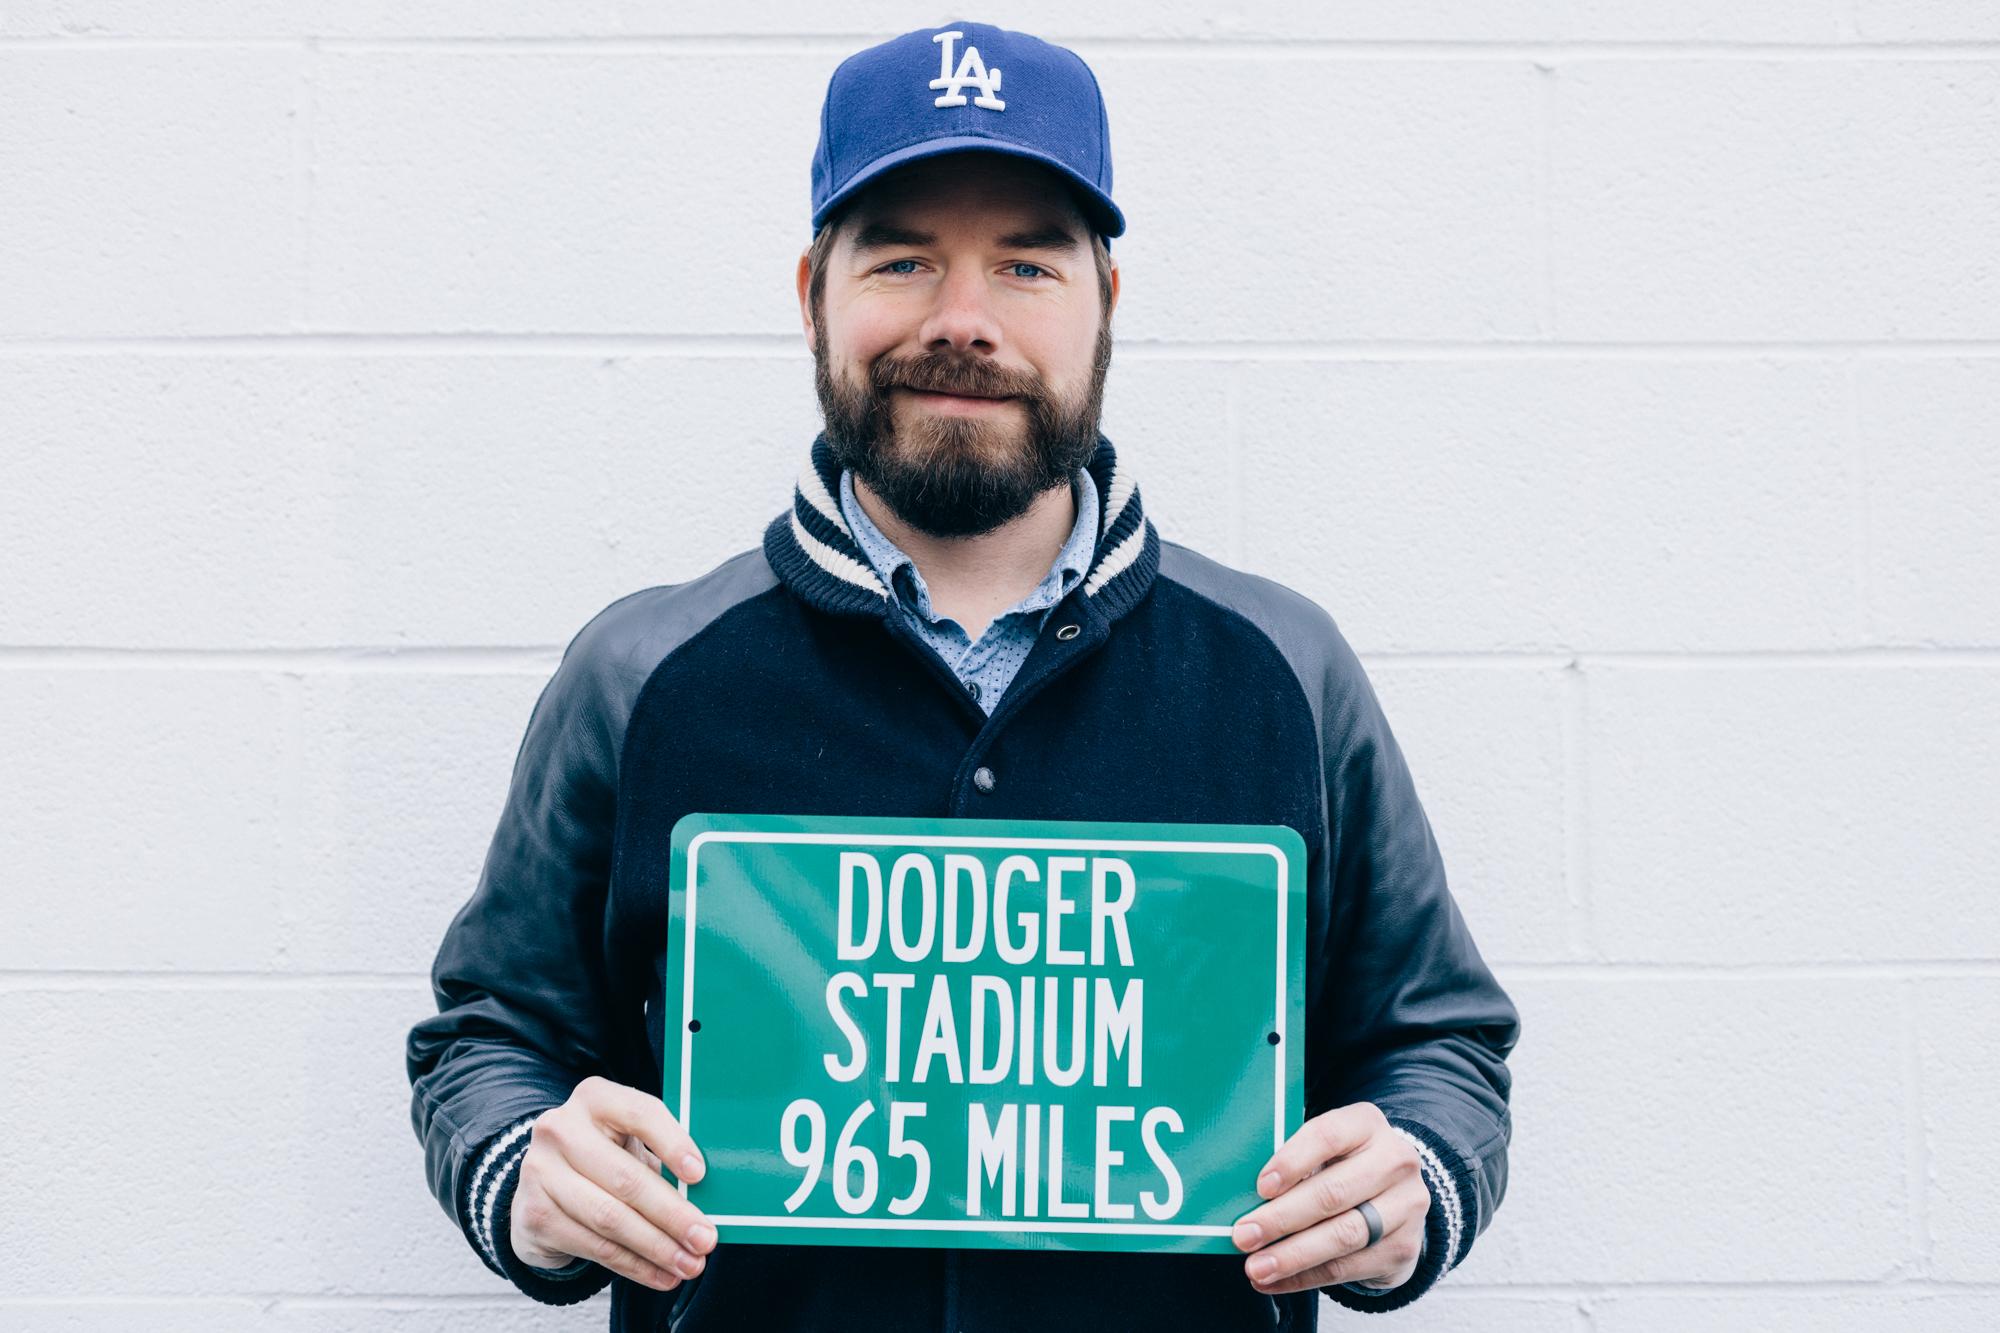 Dodgers-IG-1.jpg